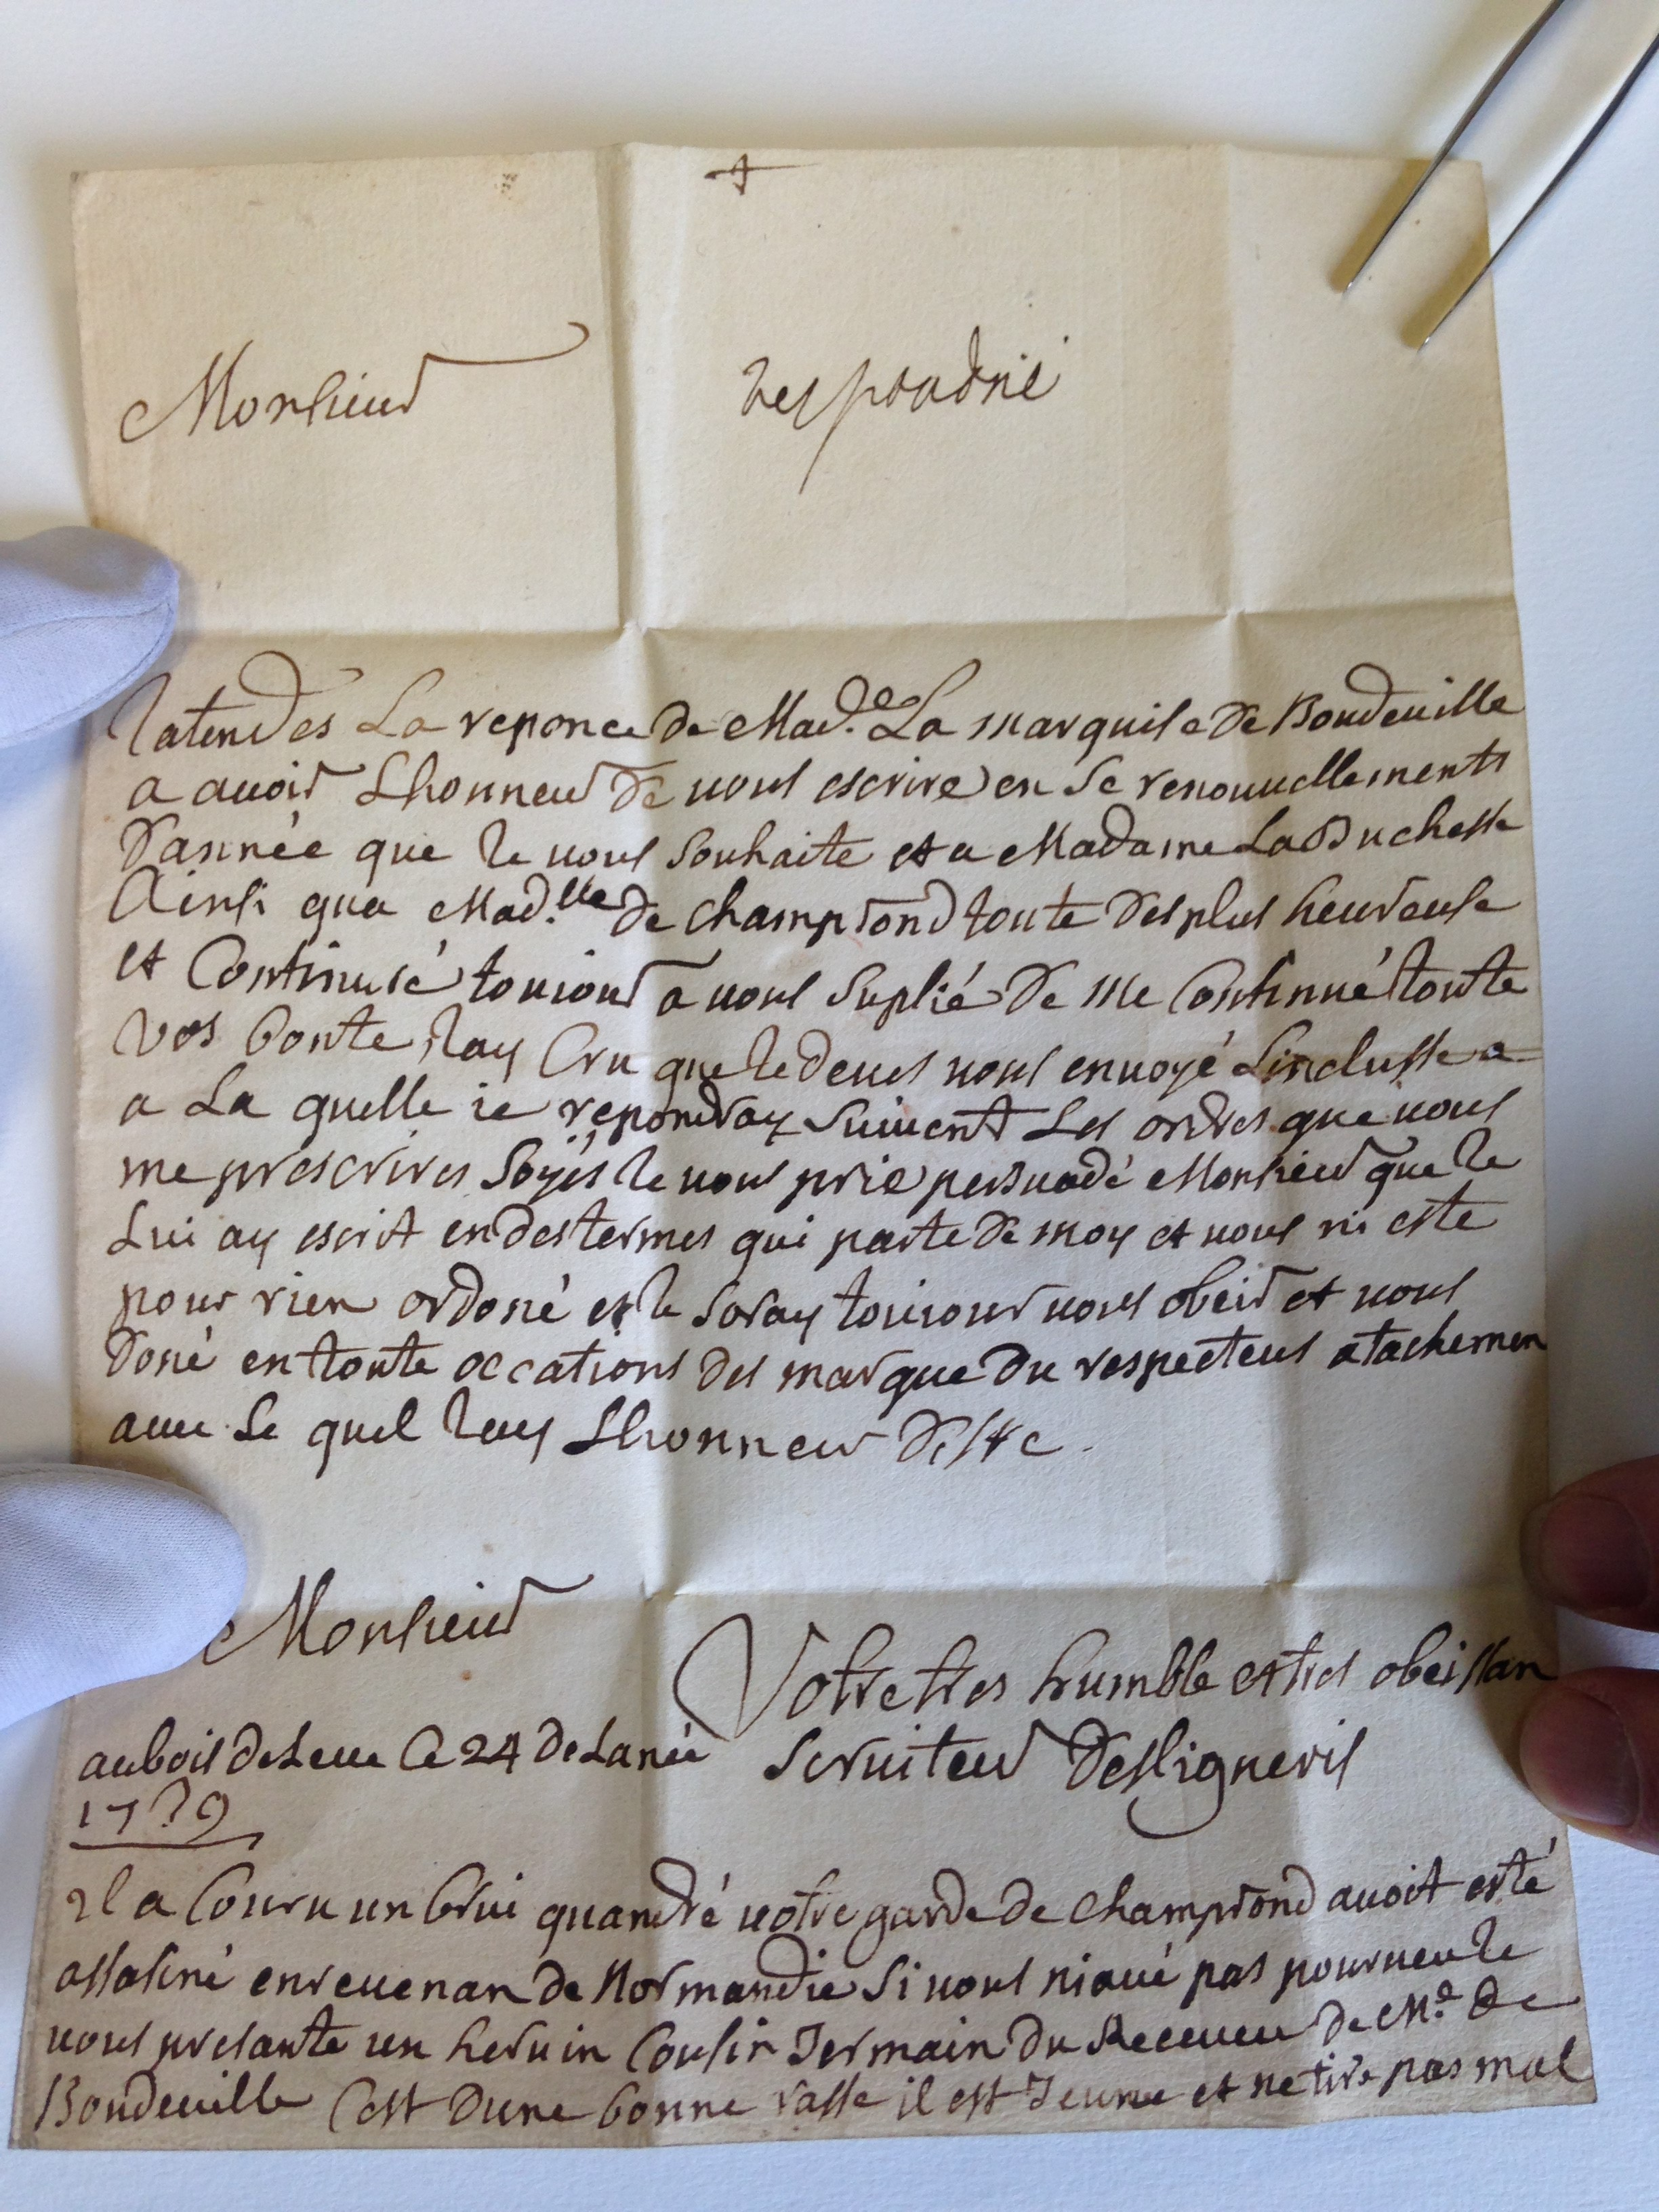 Lettre originale de 1739 au duc de Sully. Par aimable courtoisie de M. Ressort, propriétaire de la lettre et président du Cercle philatélique de Chartres.